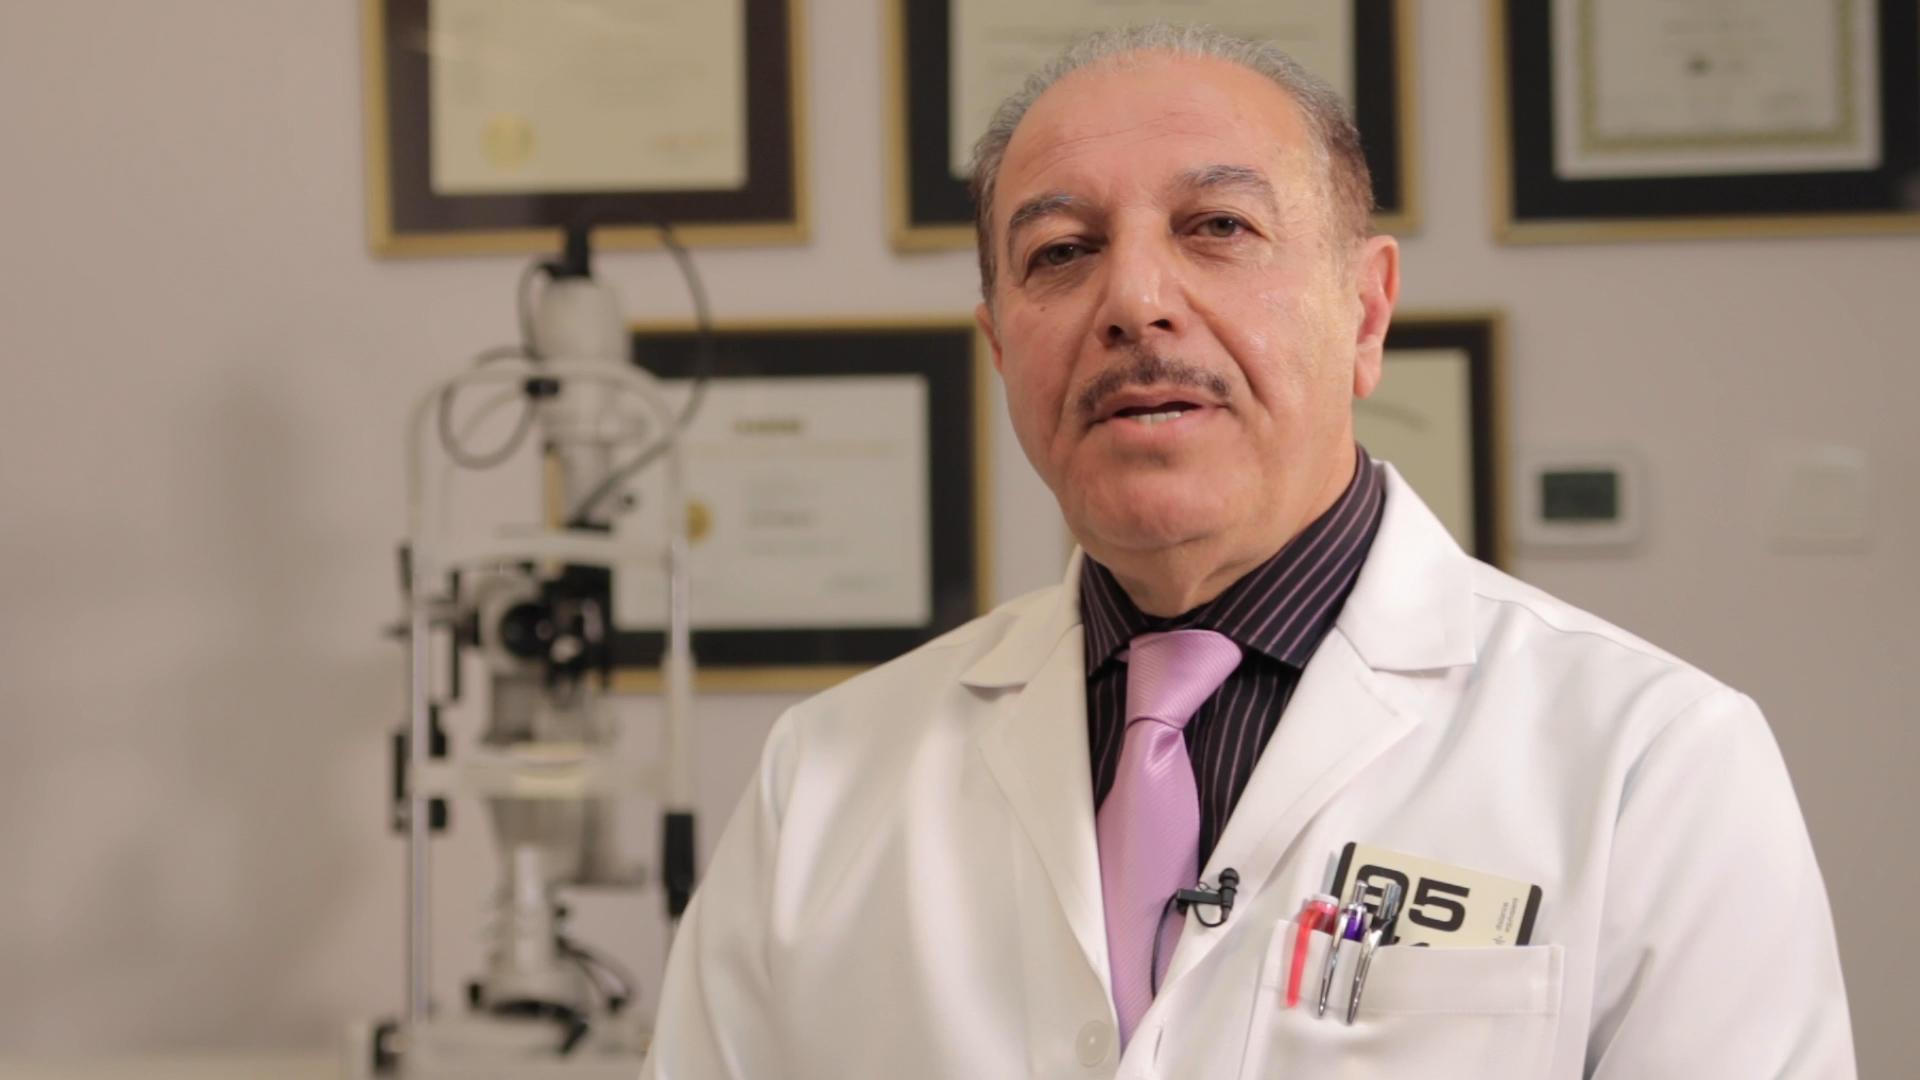 الدكتور مؤمن الريفي طب العيون البحرين Al Reefy Specialist Center bahrain Dr. Momen Al-Reefy